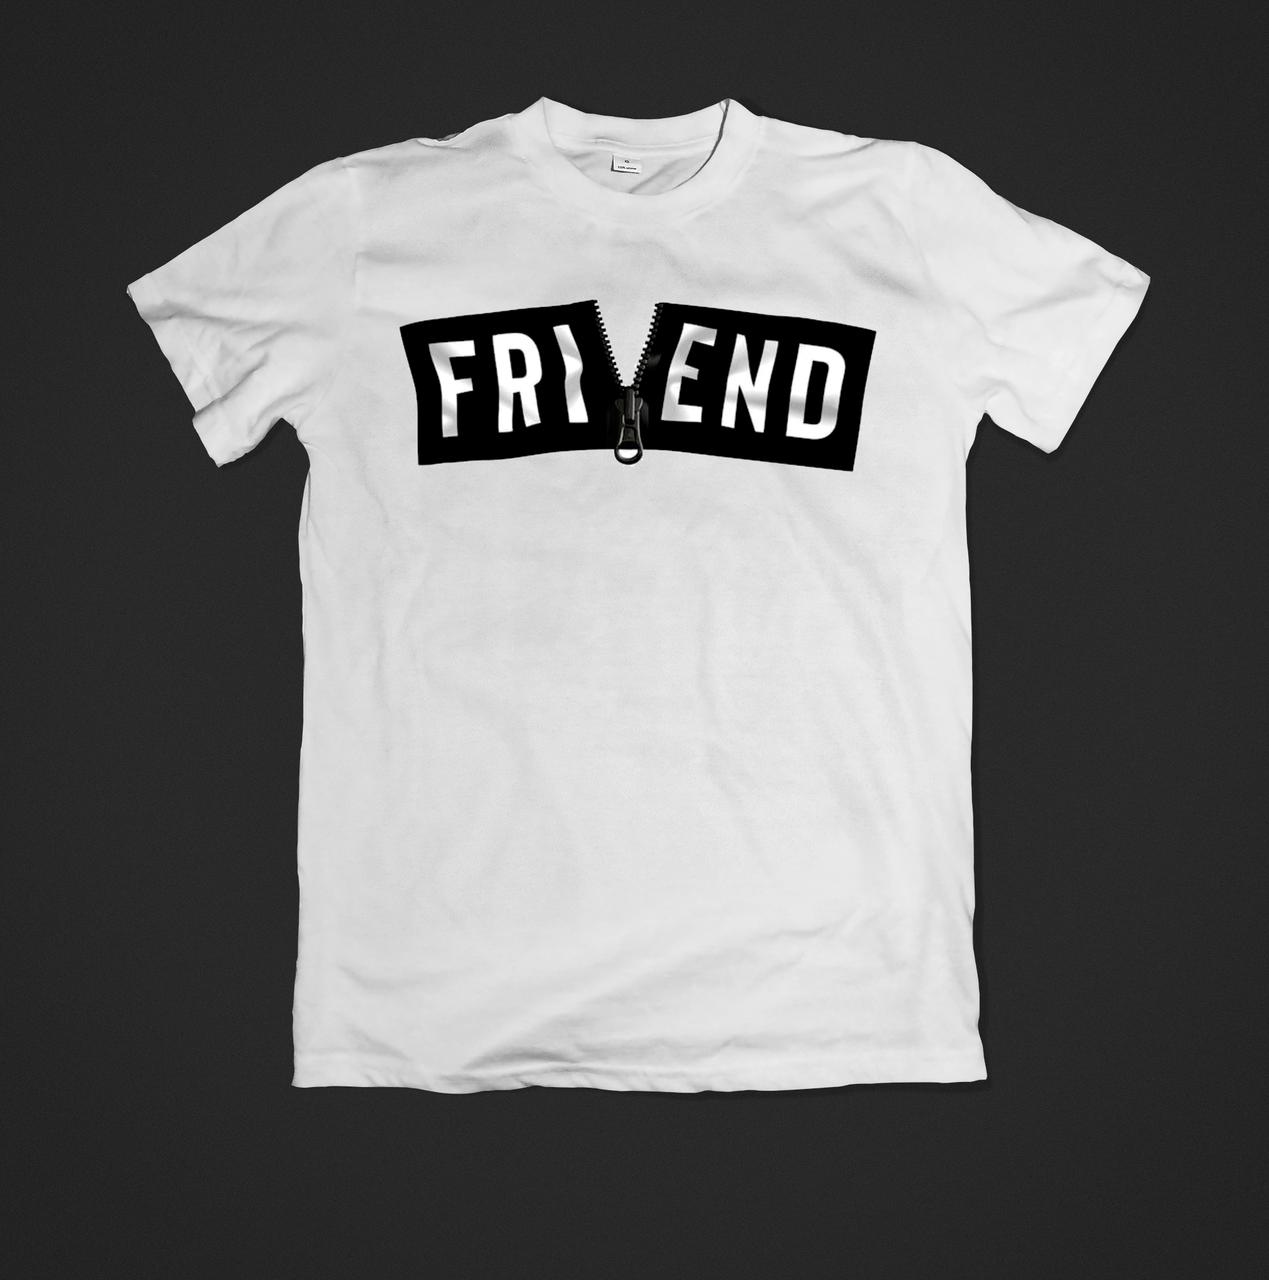 Футболка YOUstyle жіноча Friend 0523 XL White